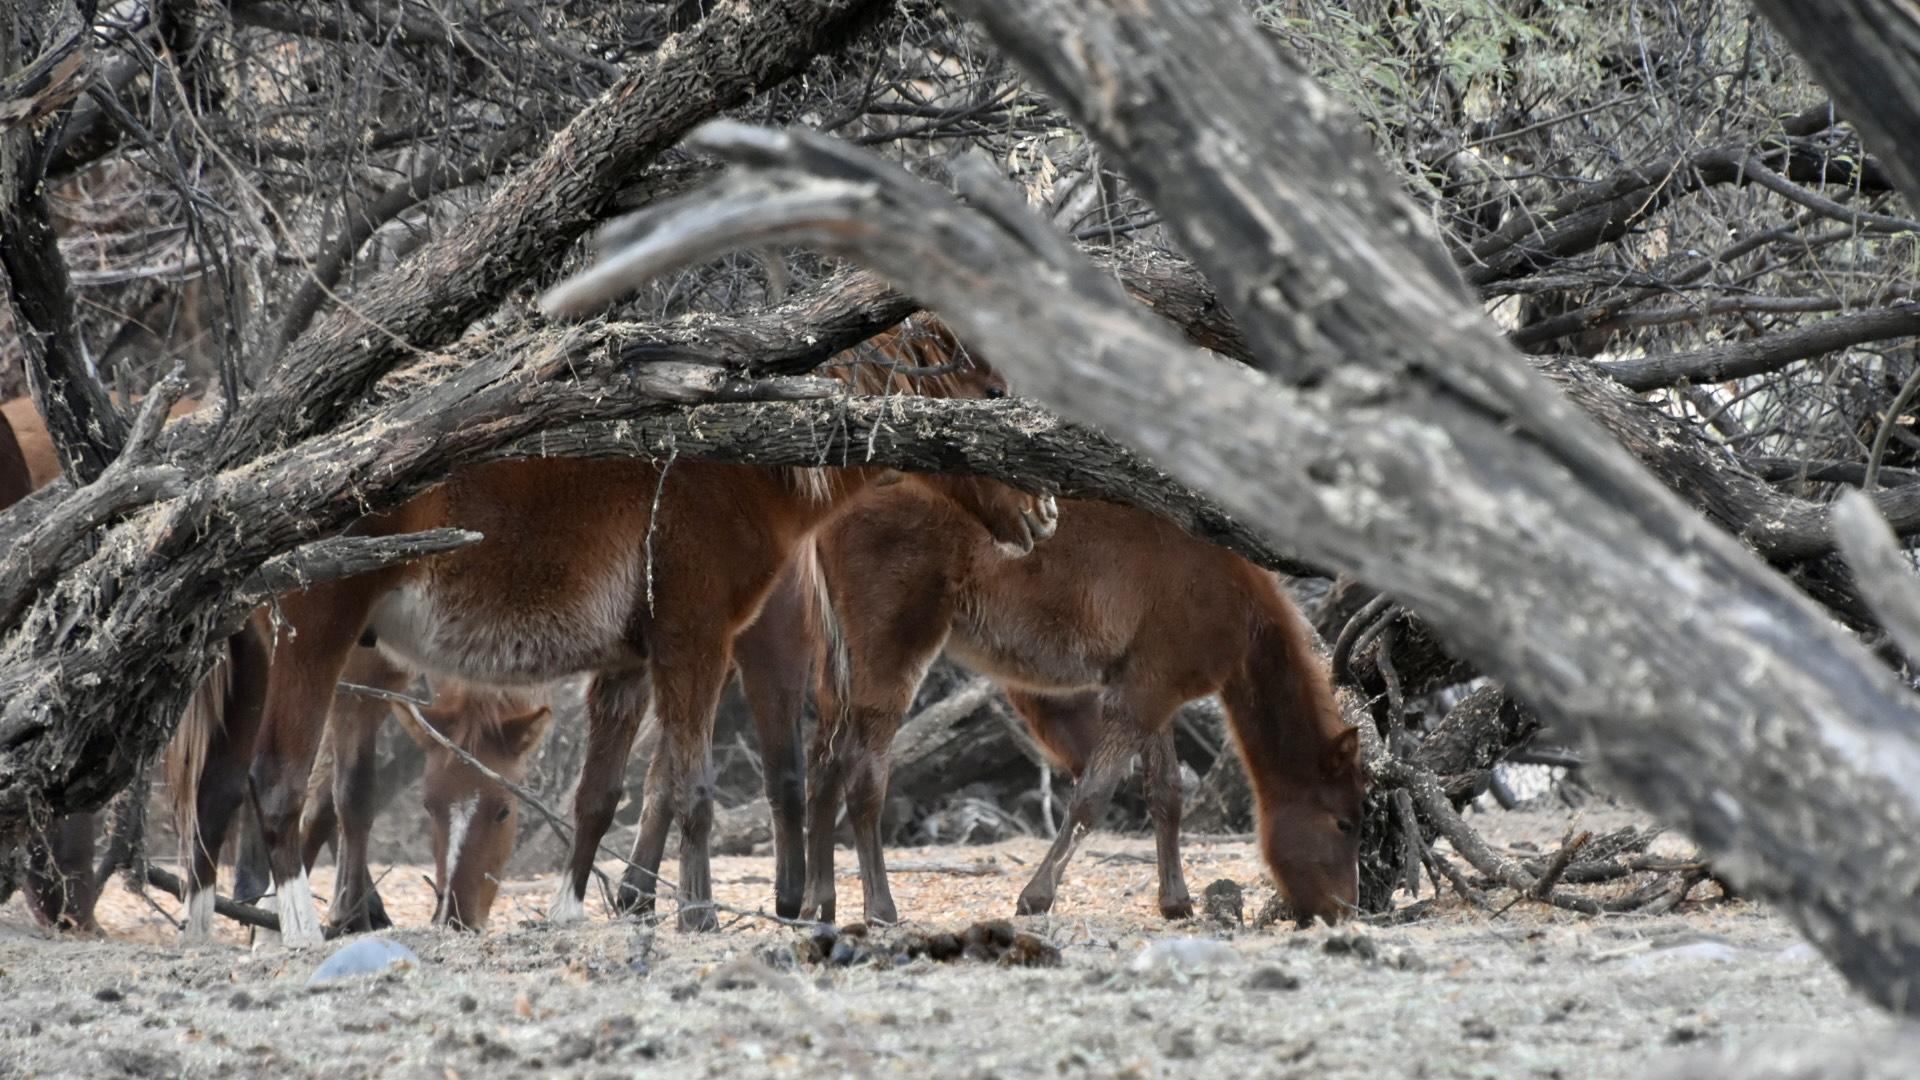 Road: Salt River Wild Horses